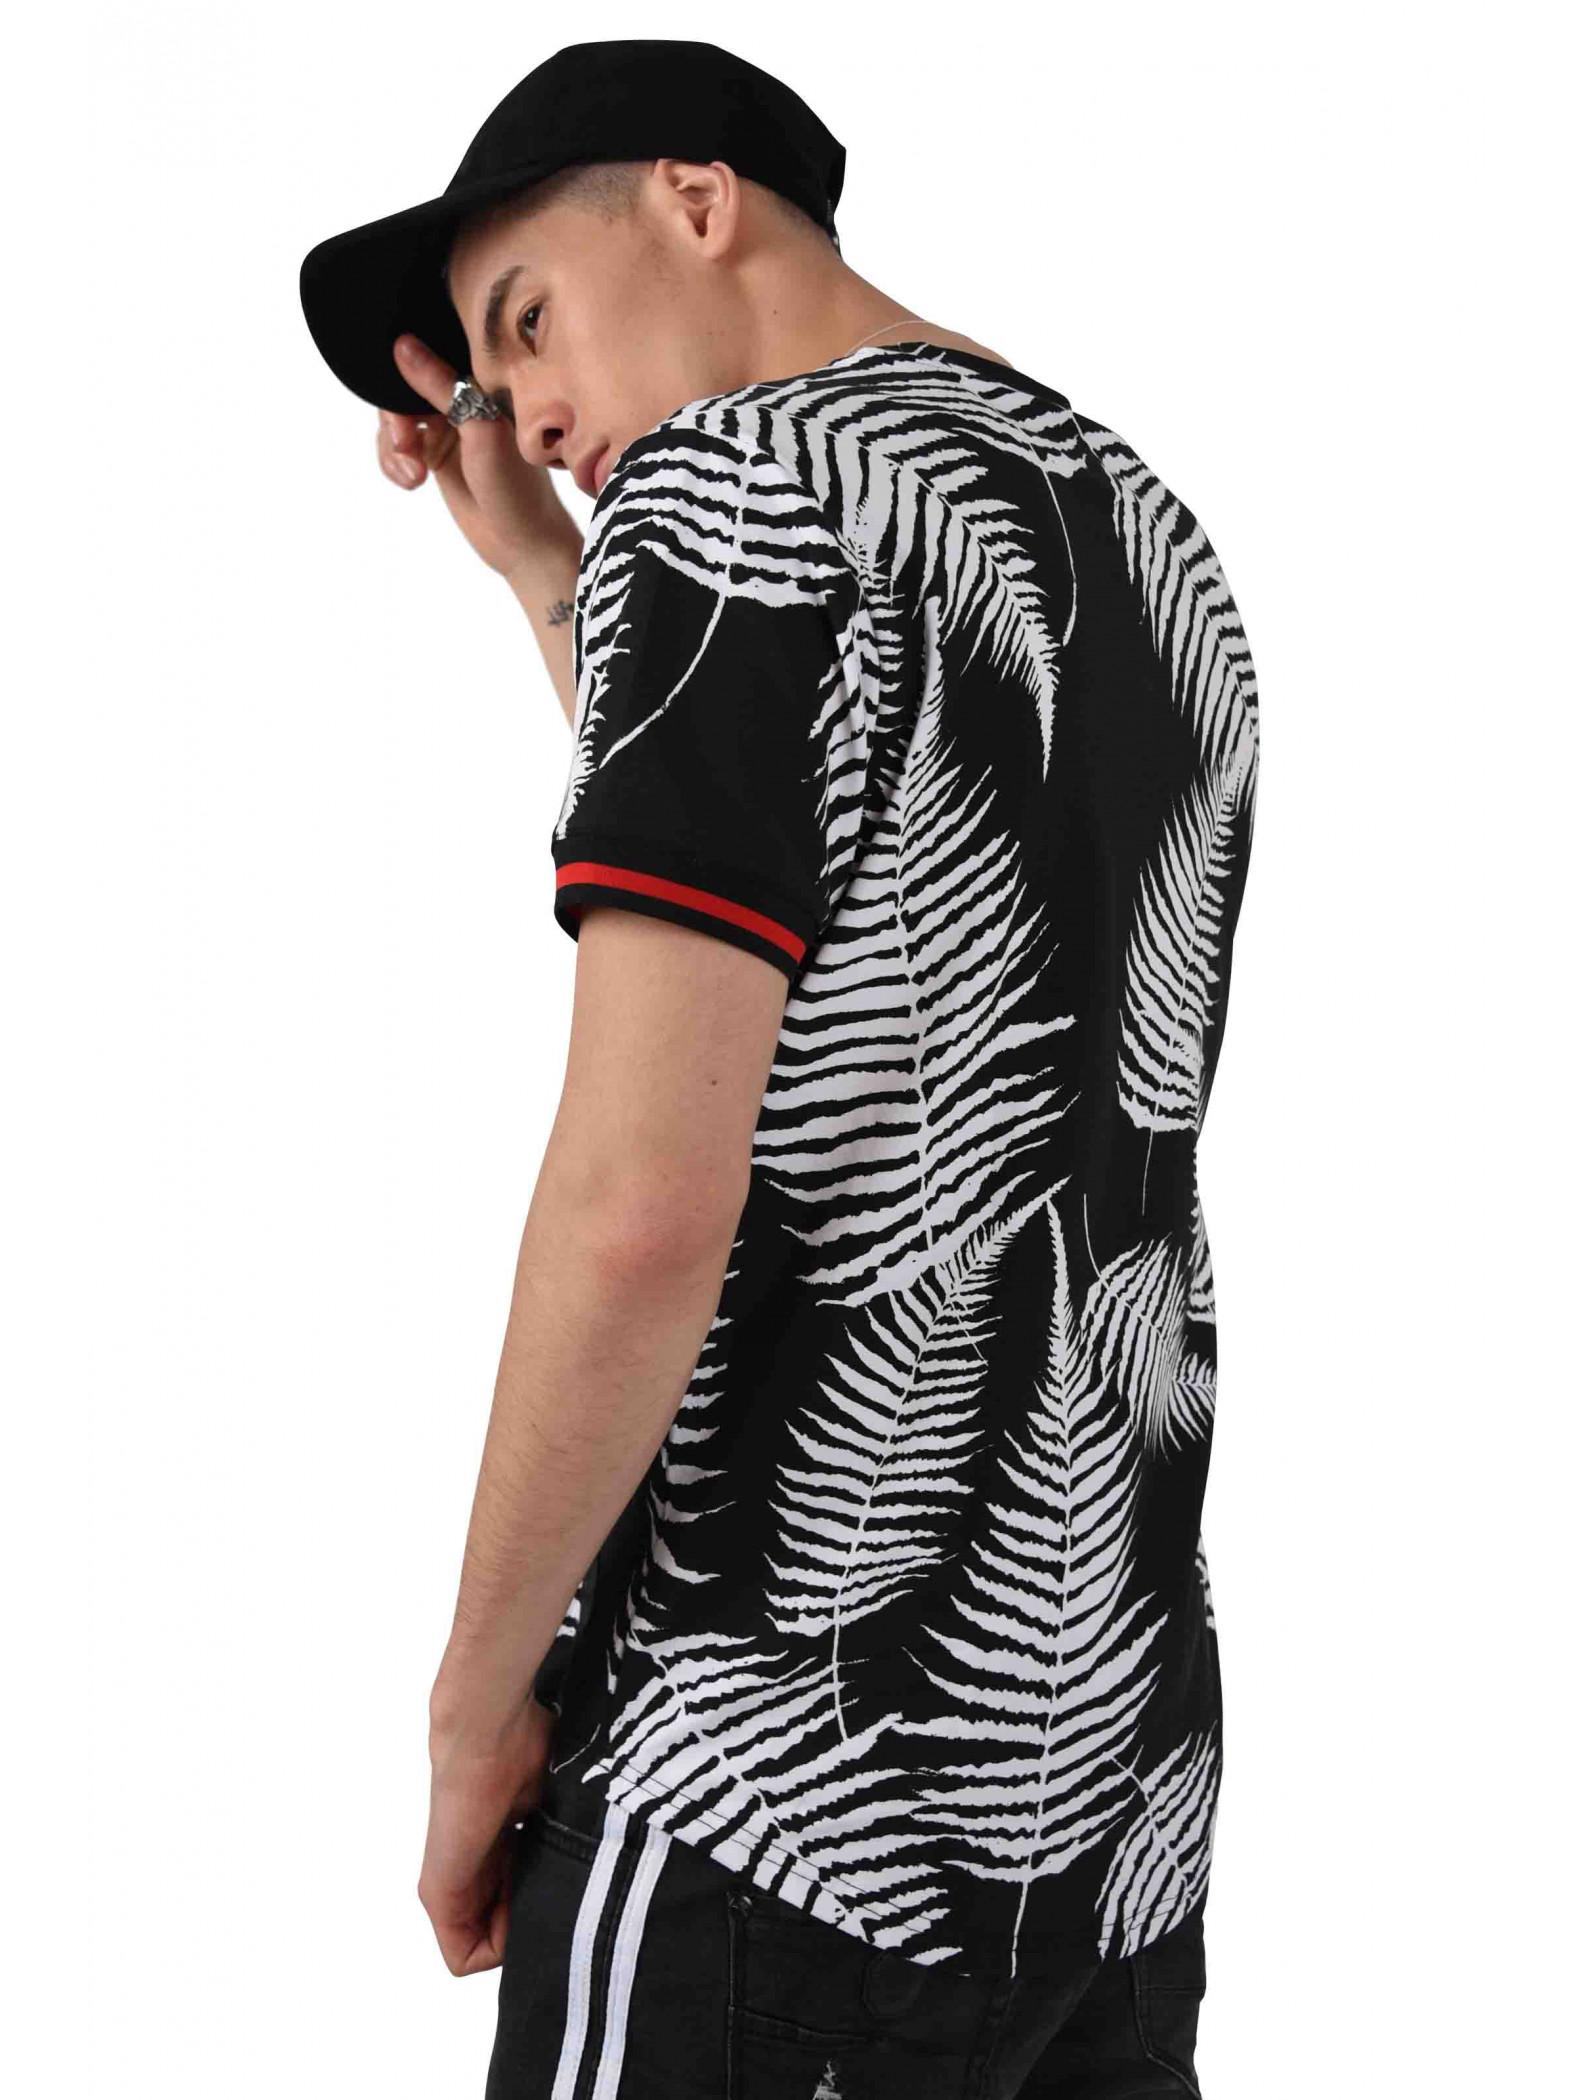 Homme Project X Paris Imprimé Shirt Bicolore Tropical Tee W2ebDHYE9I